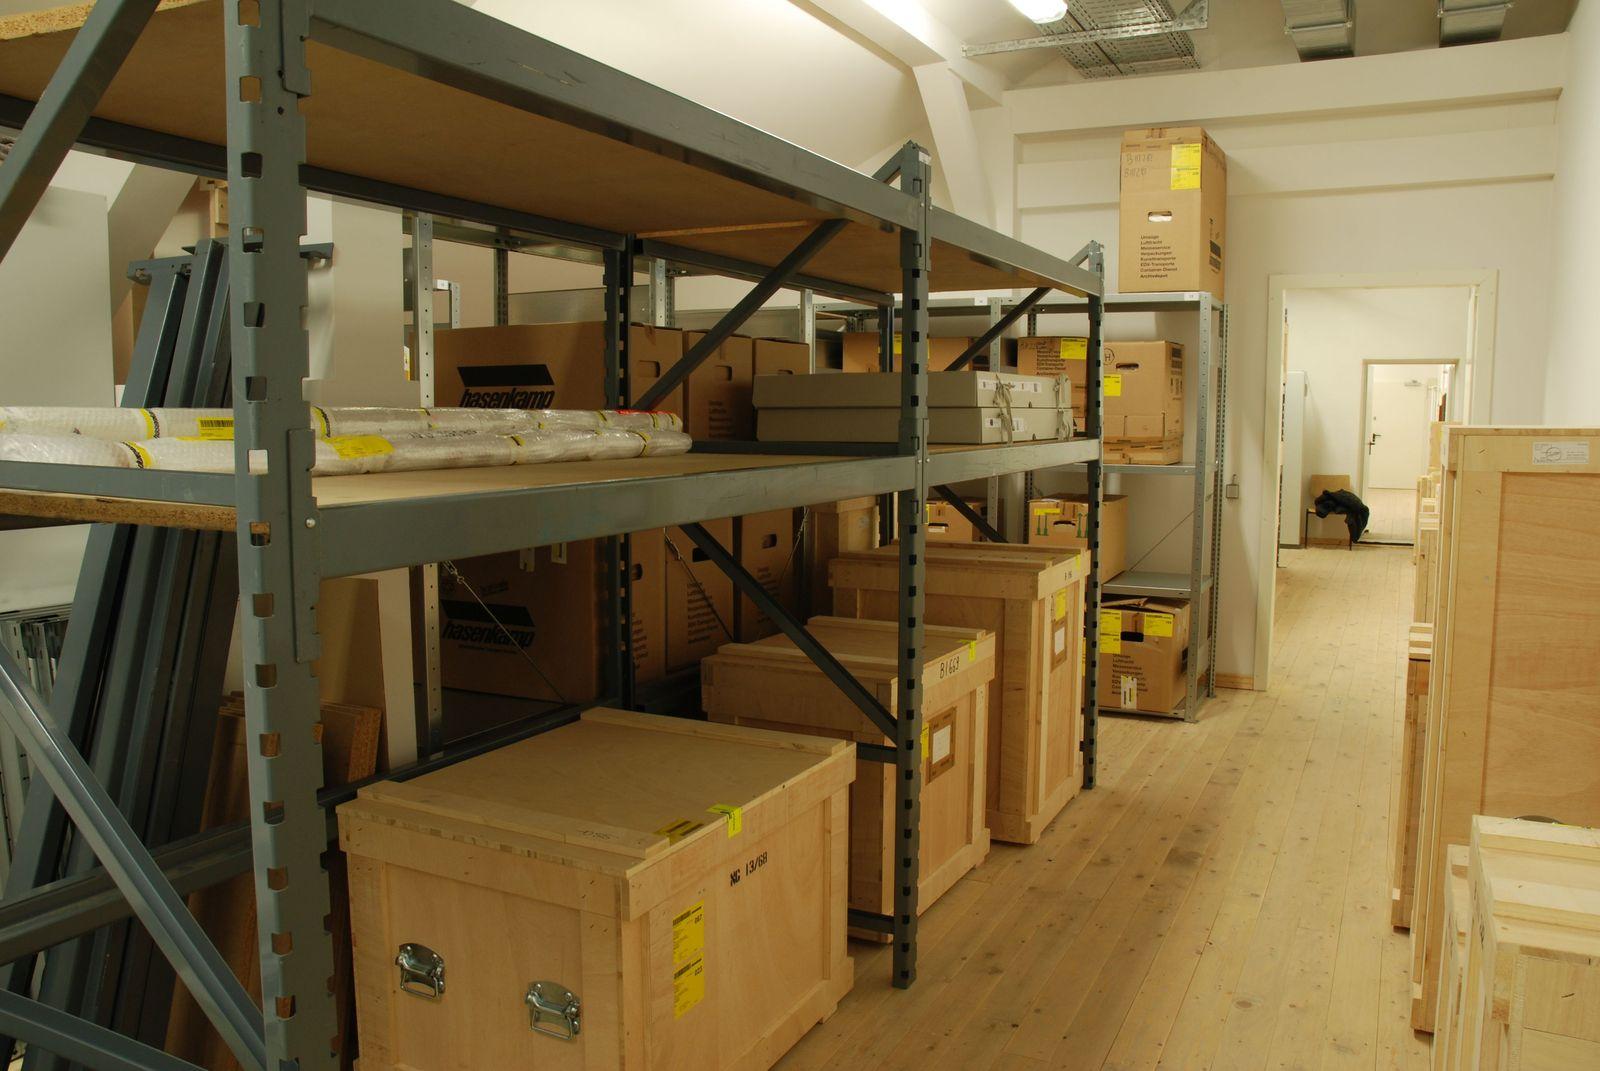 Depot Sammlung Scharf-Gerstenberg. © Bundesamt für Bauwesen und Raumordnung / Cornelia Rüth